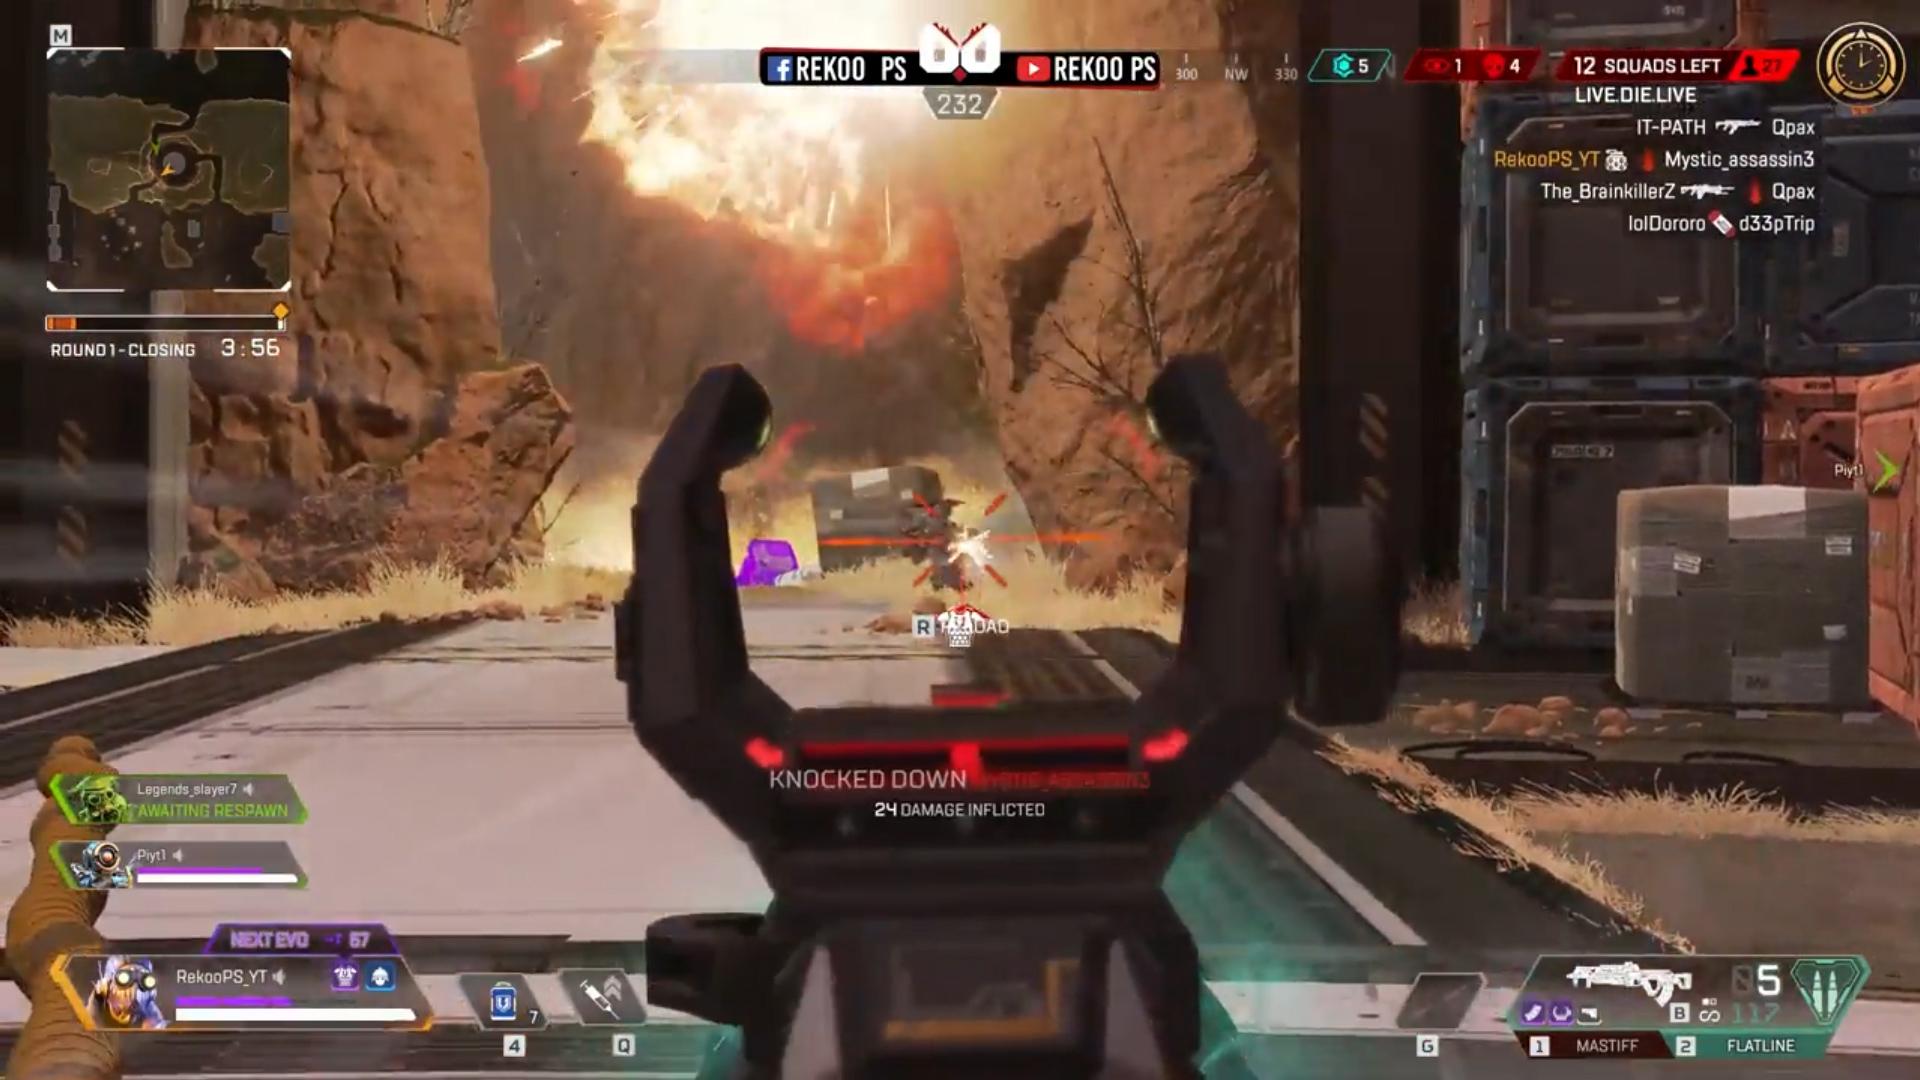 投げたグレネードがジャンプパッドで跳ねて空中のオクタンが爆発する動画